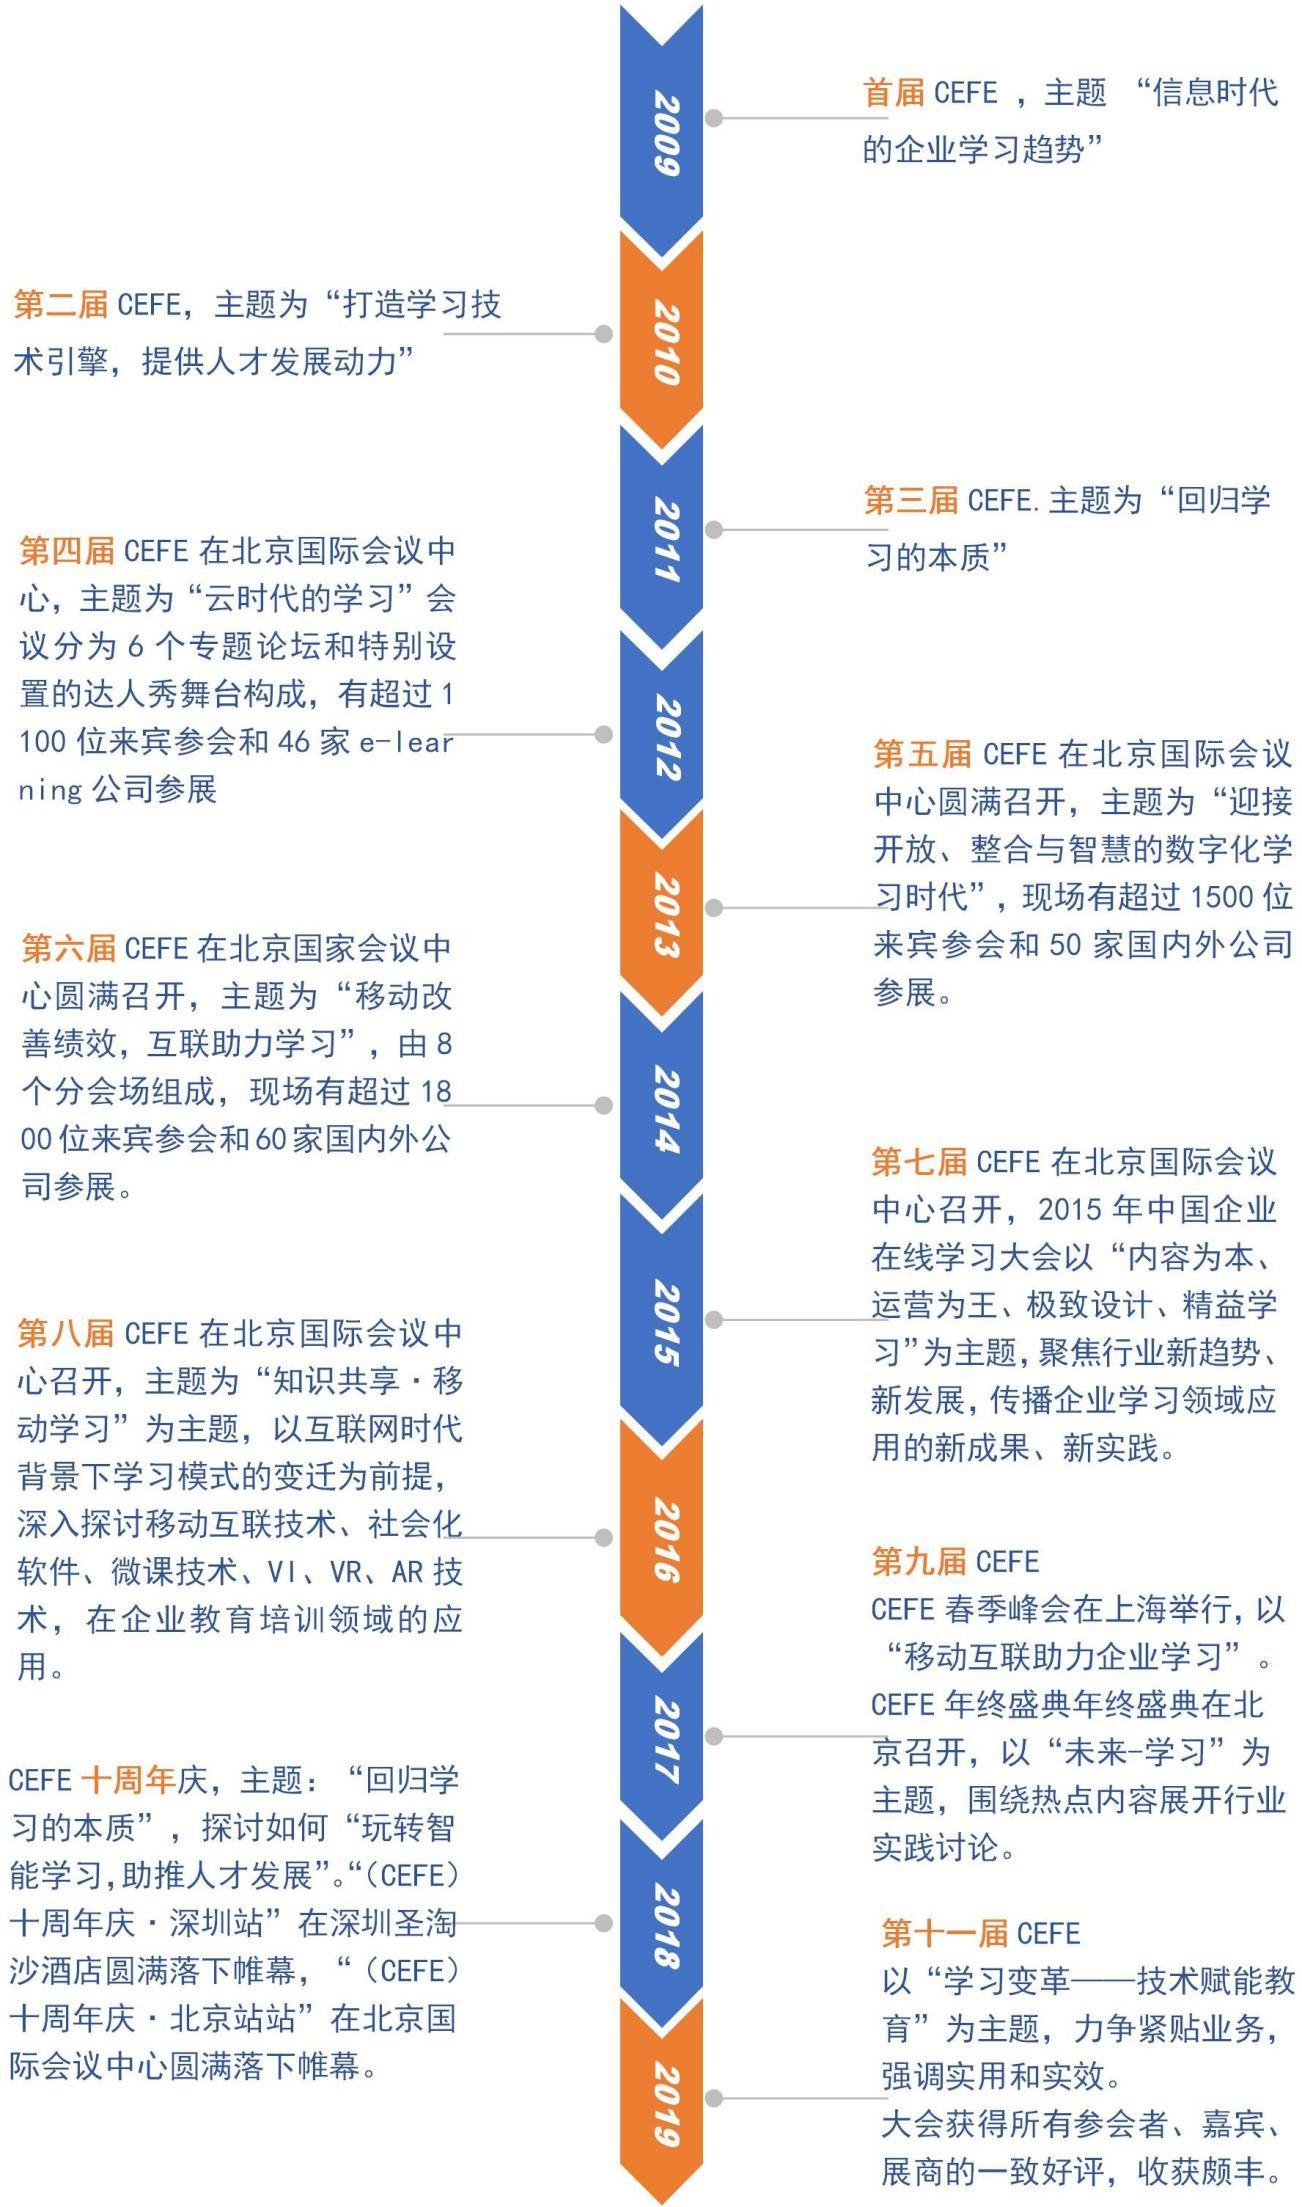 第十二届中国企业数字化学习大会 上海11月19-20日